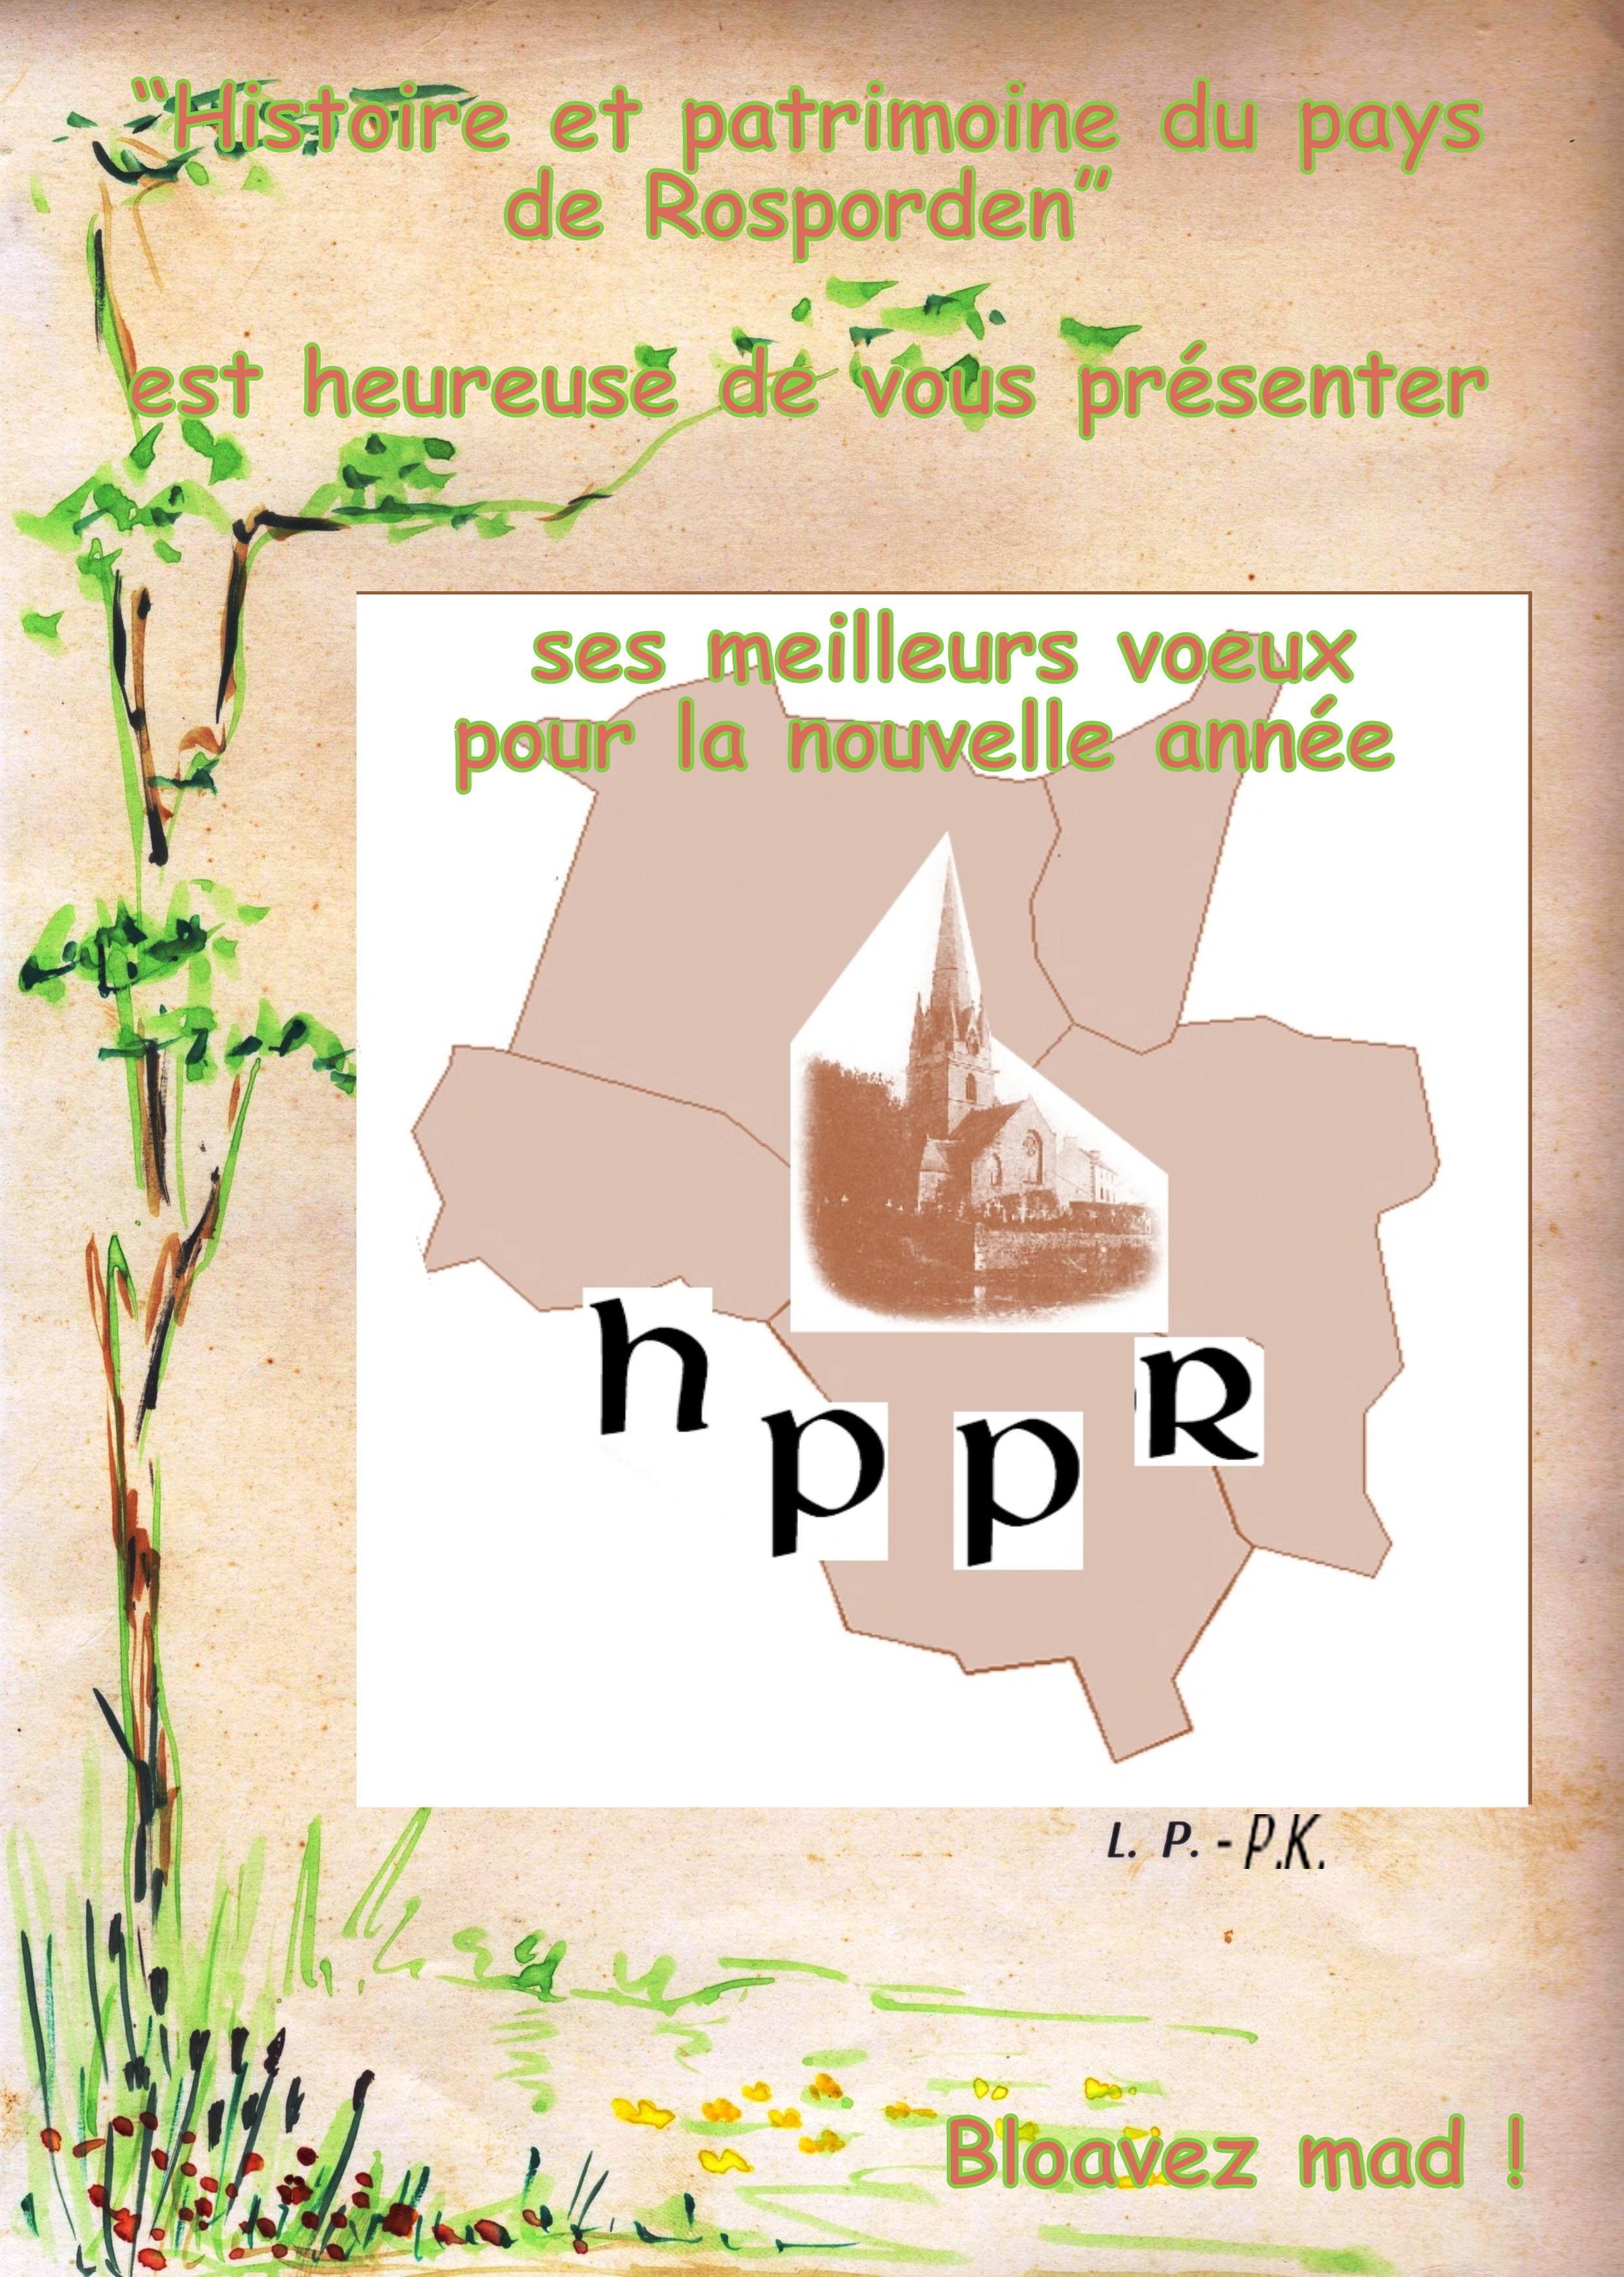 2013 HPPR Carte de Voeux